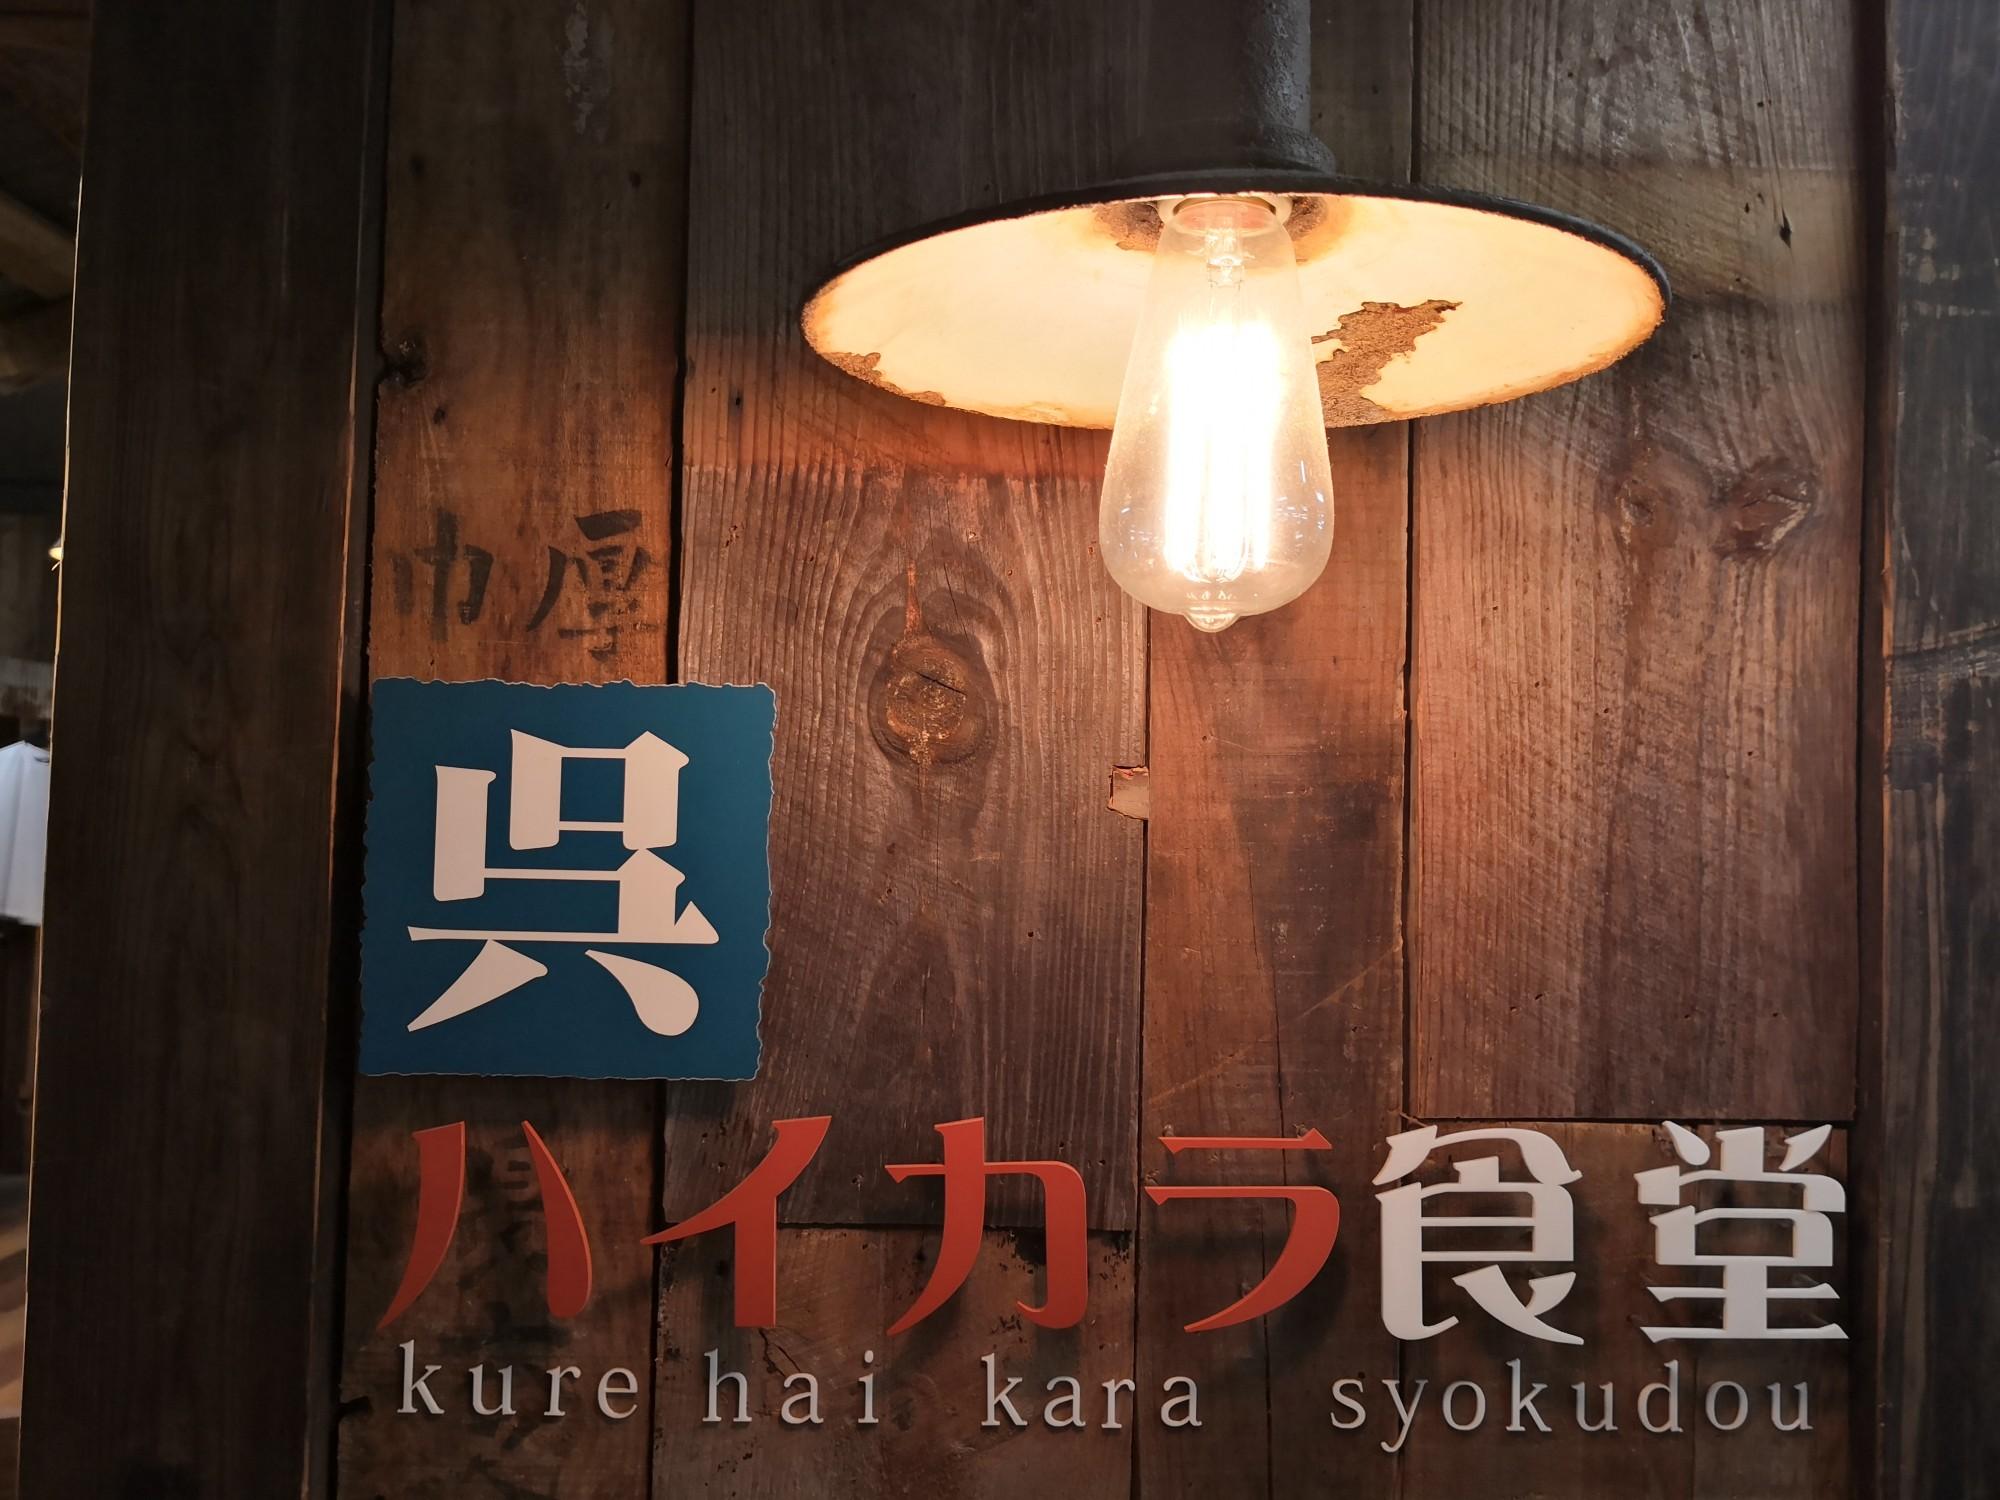 入り口 呉ハイカラ食堂の海自カレー